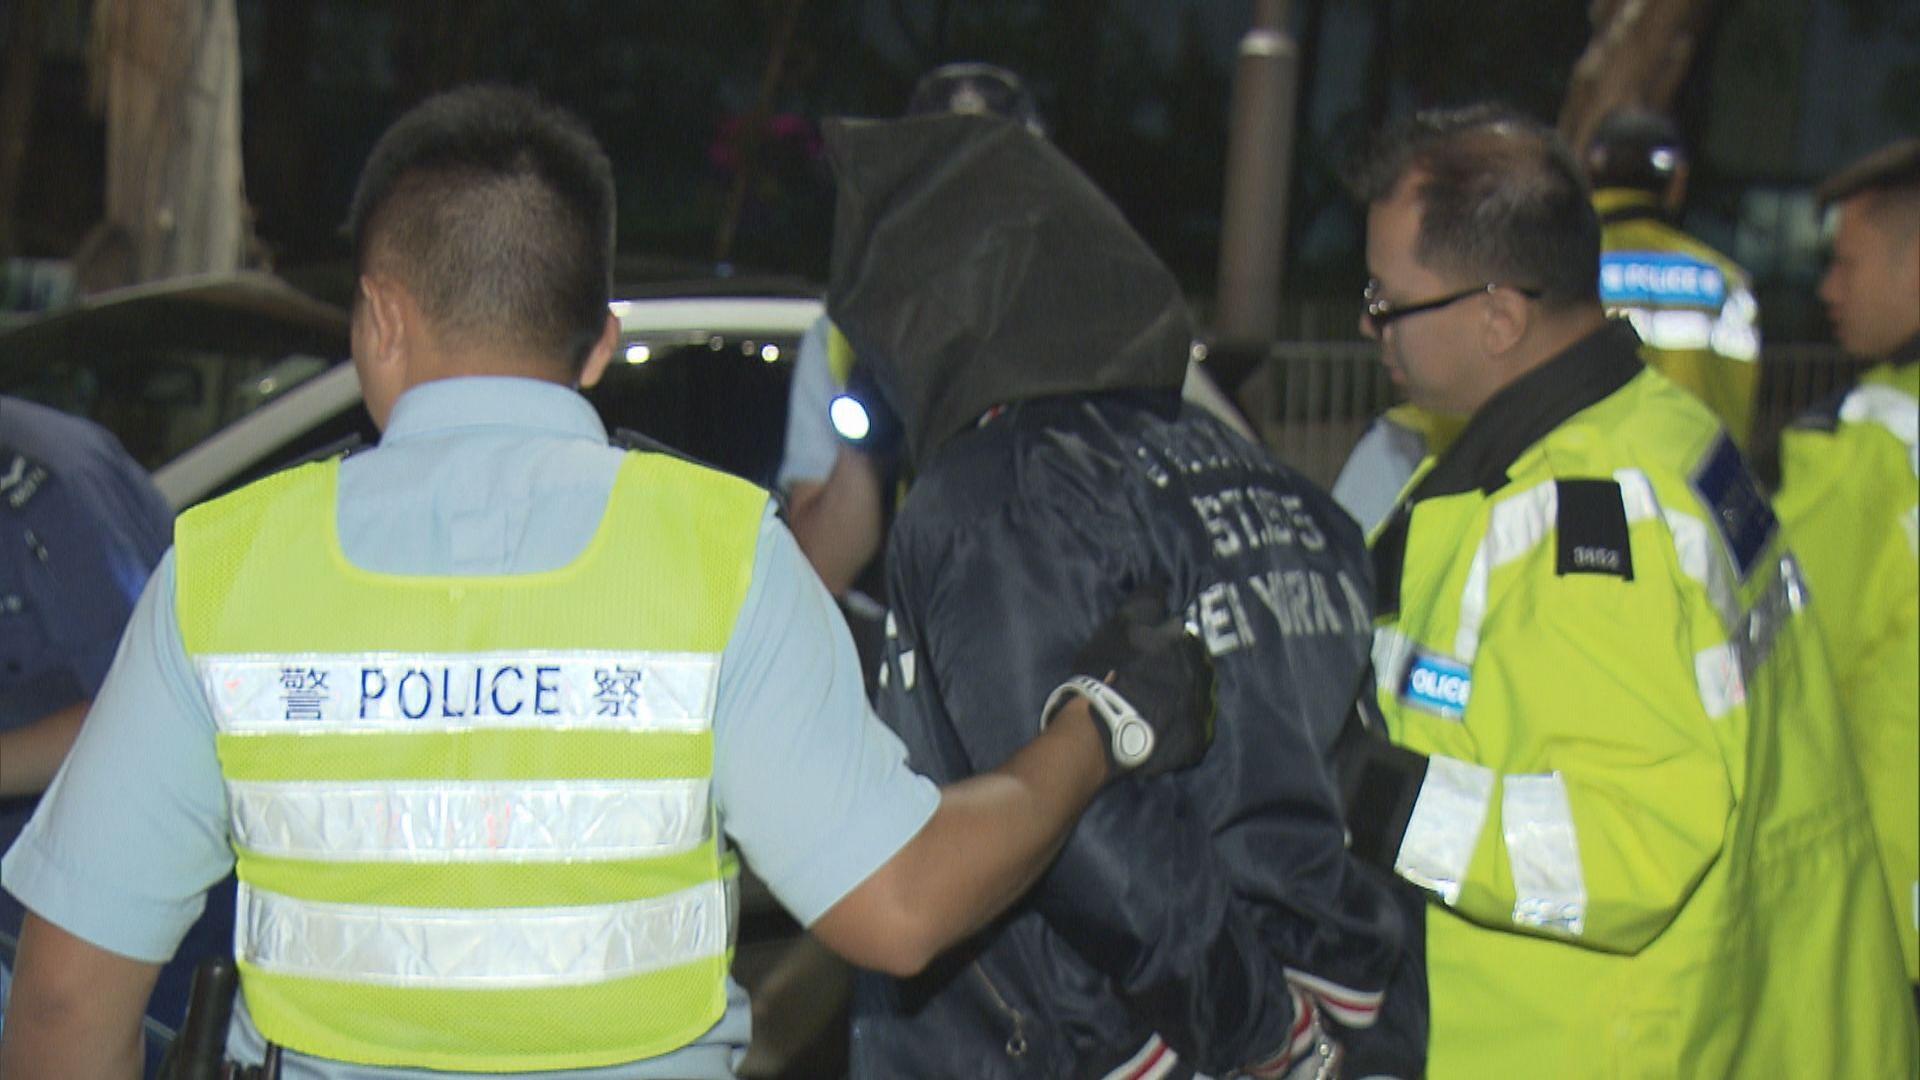 屯門司機涉瘋駕檢警棍仿製槍被捕